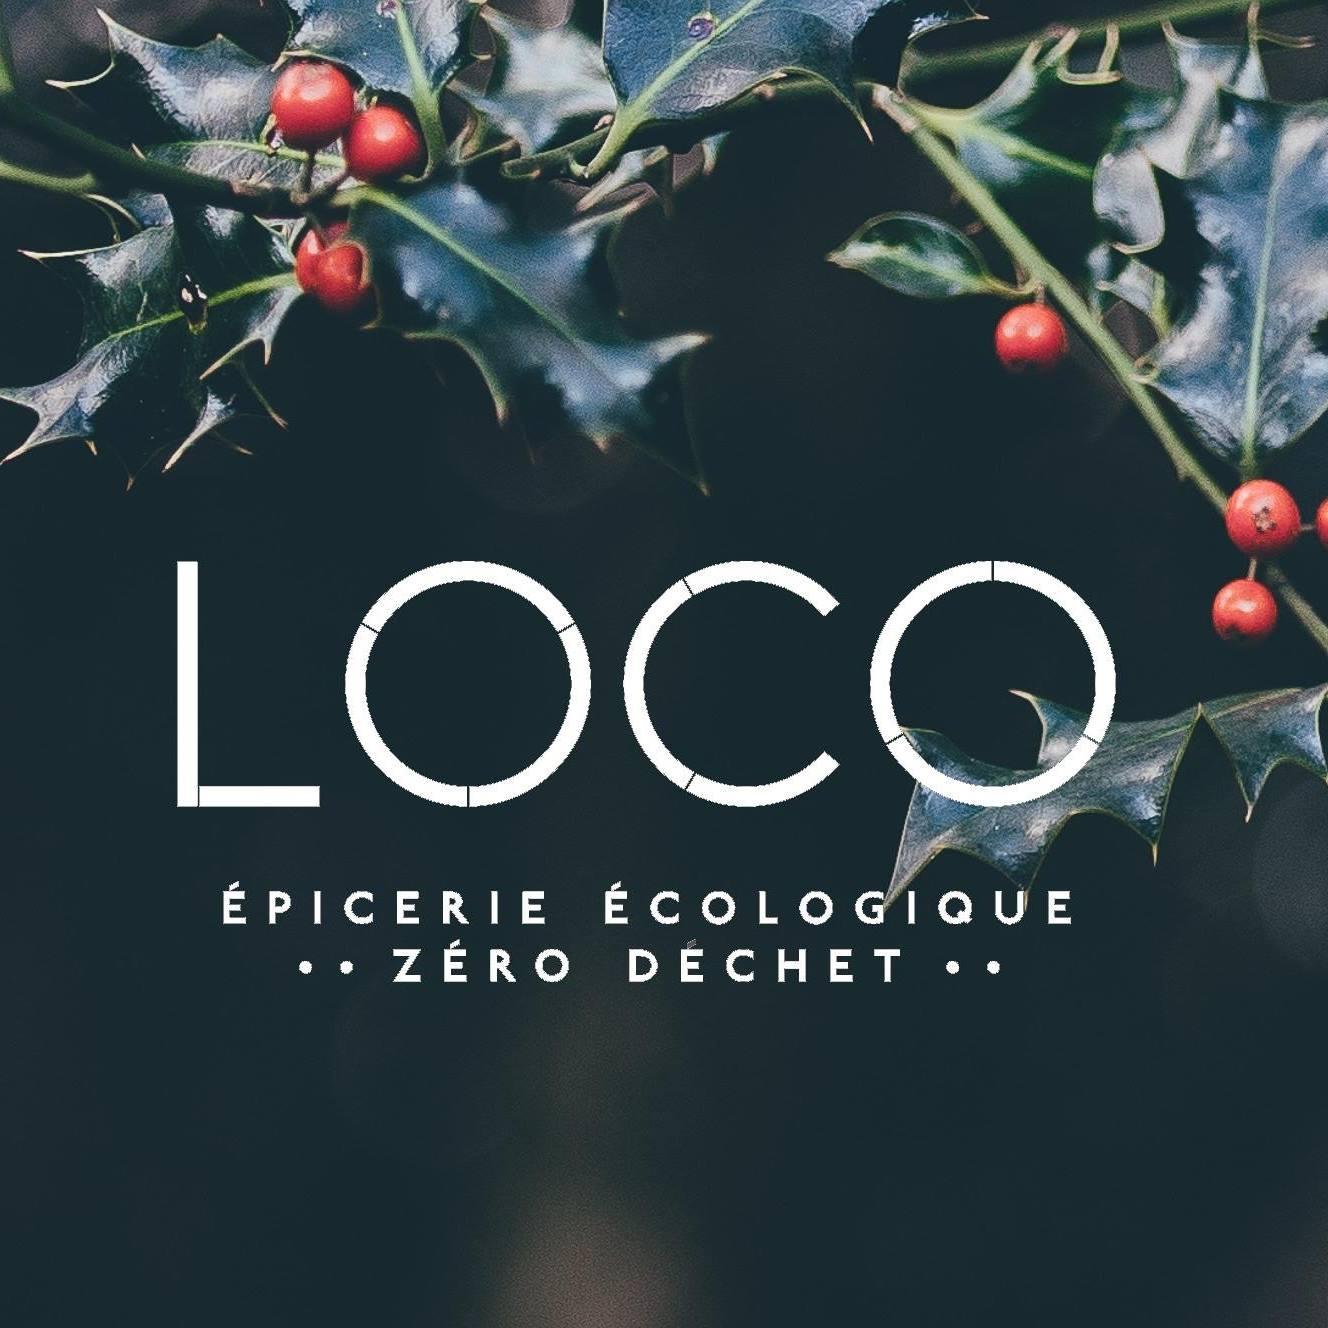 Épicerie zéro déchet écologique Épicerie LOCO Verdun Ulocal produit local achat local